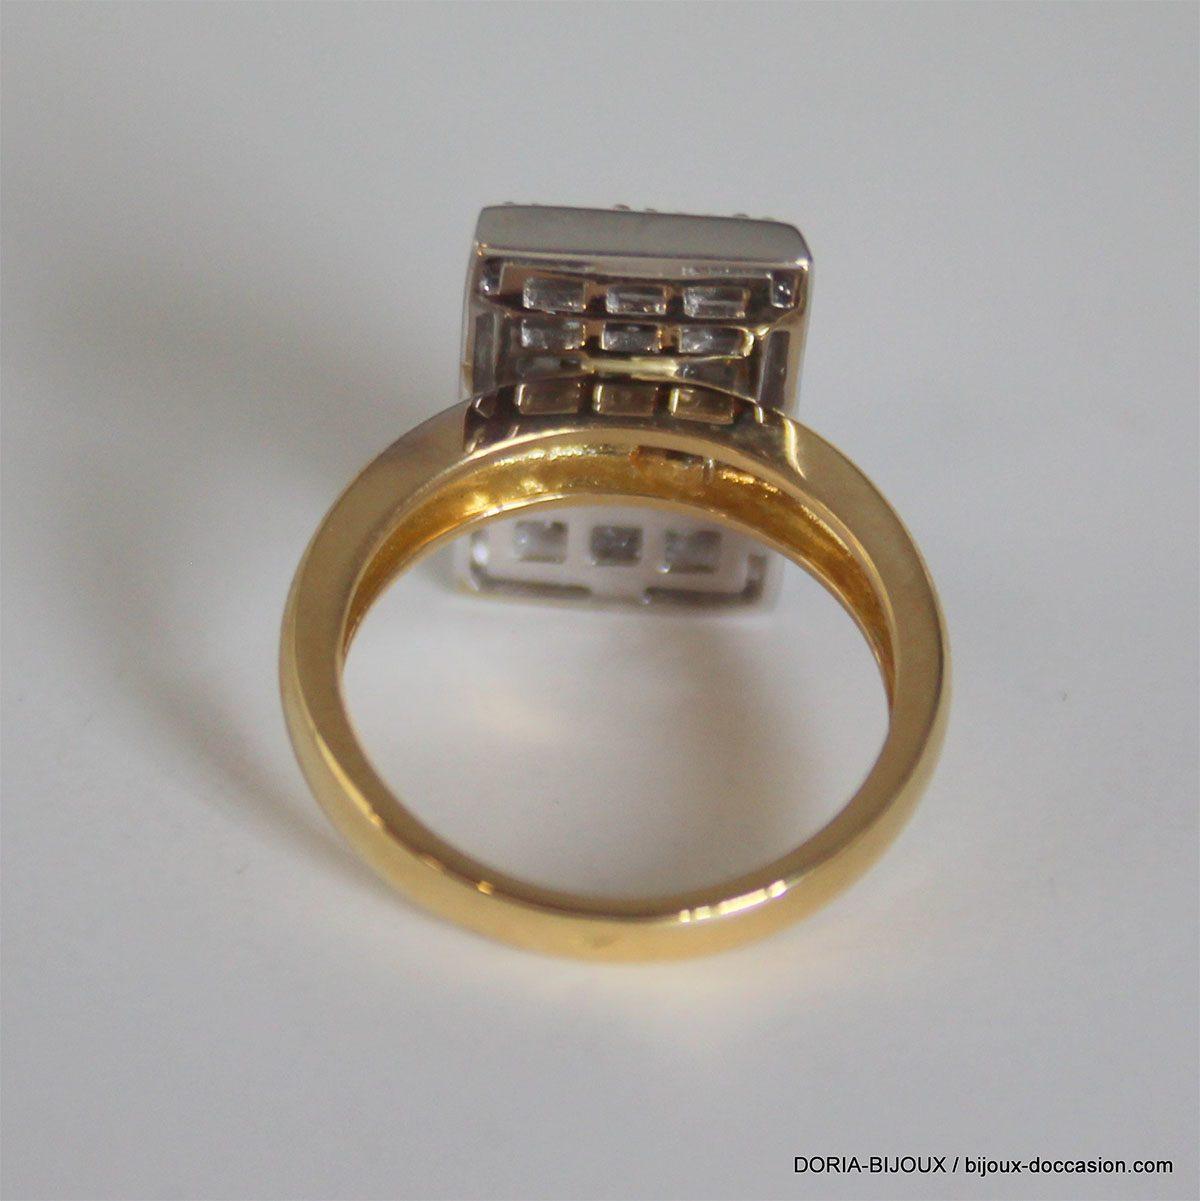 Bague Or 18k 750 Pavage Diamants - 5.60grs - 50